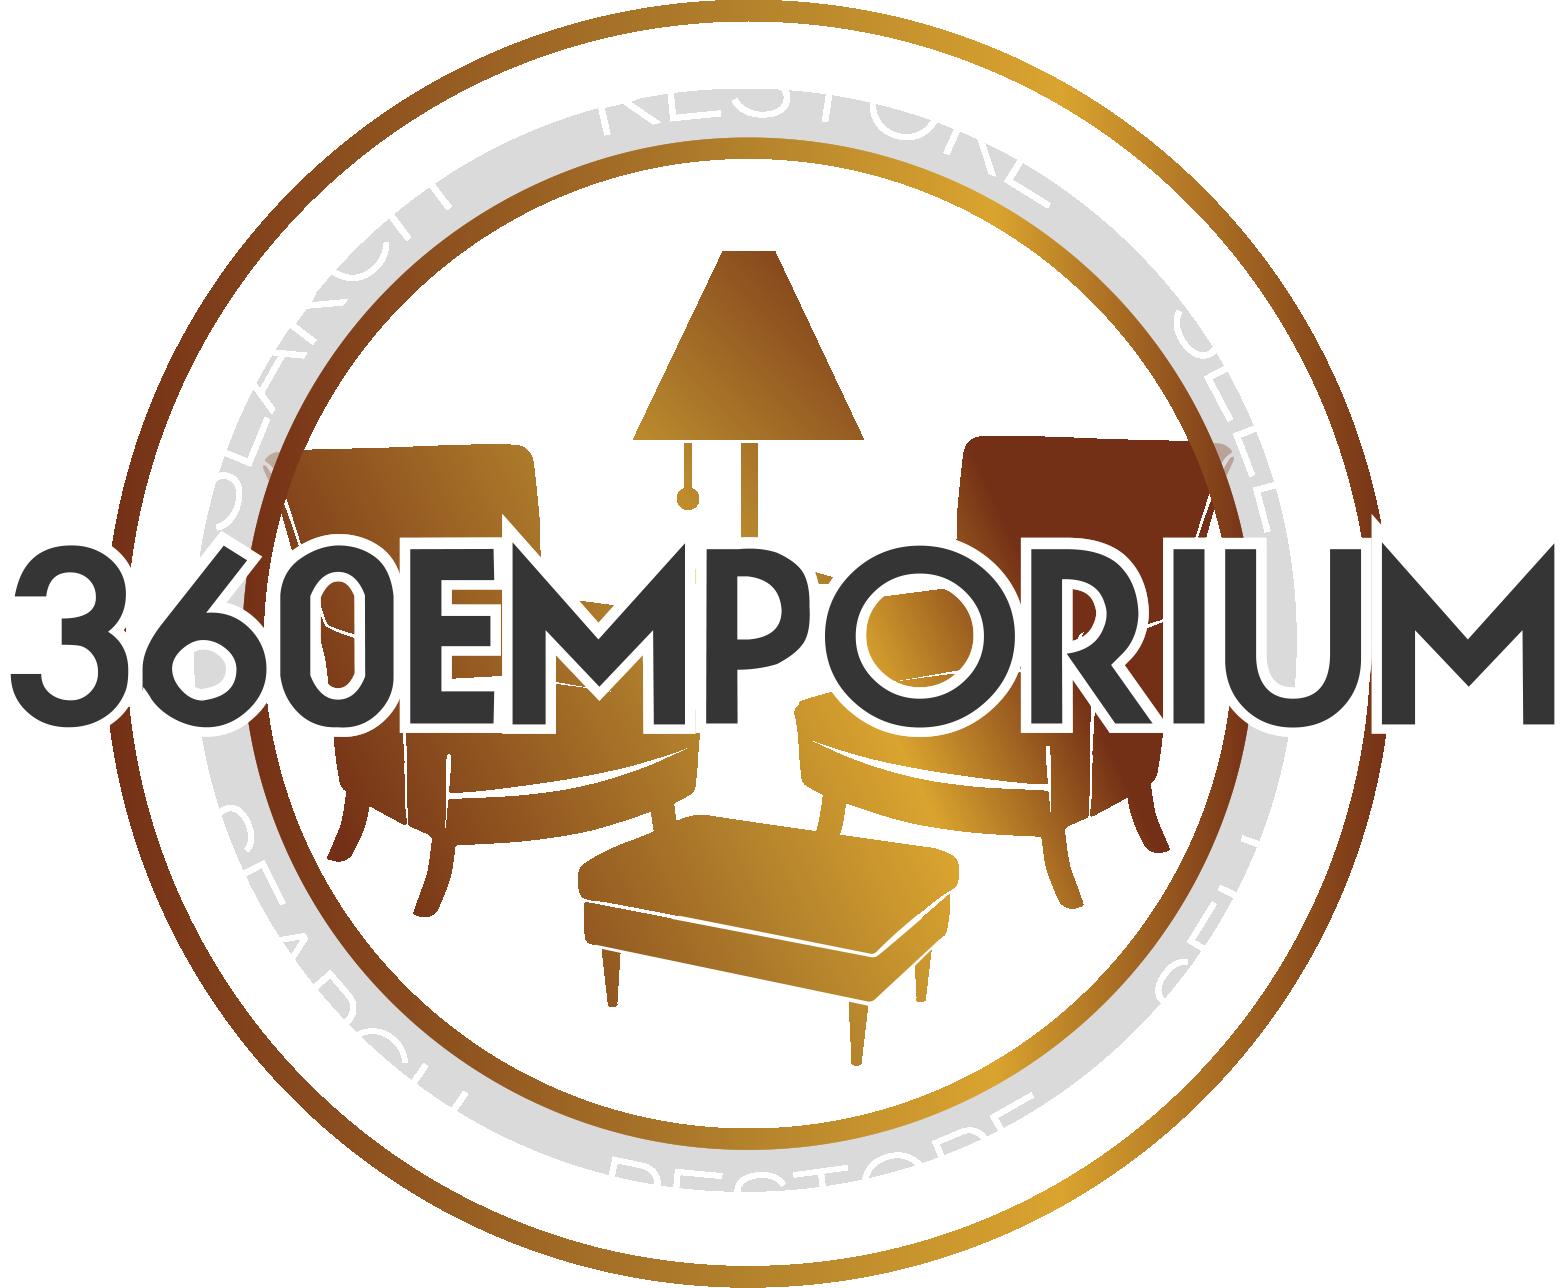 360 emporium